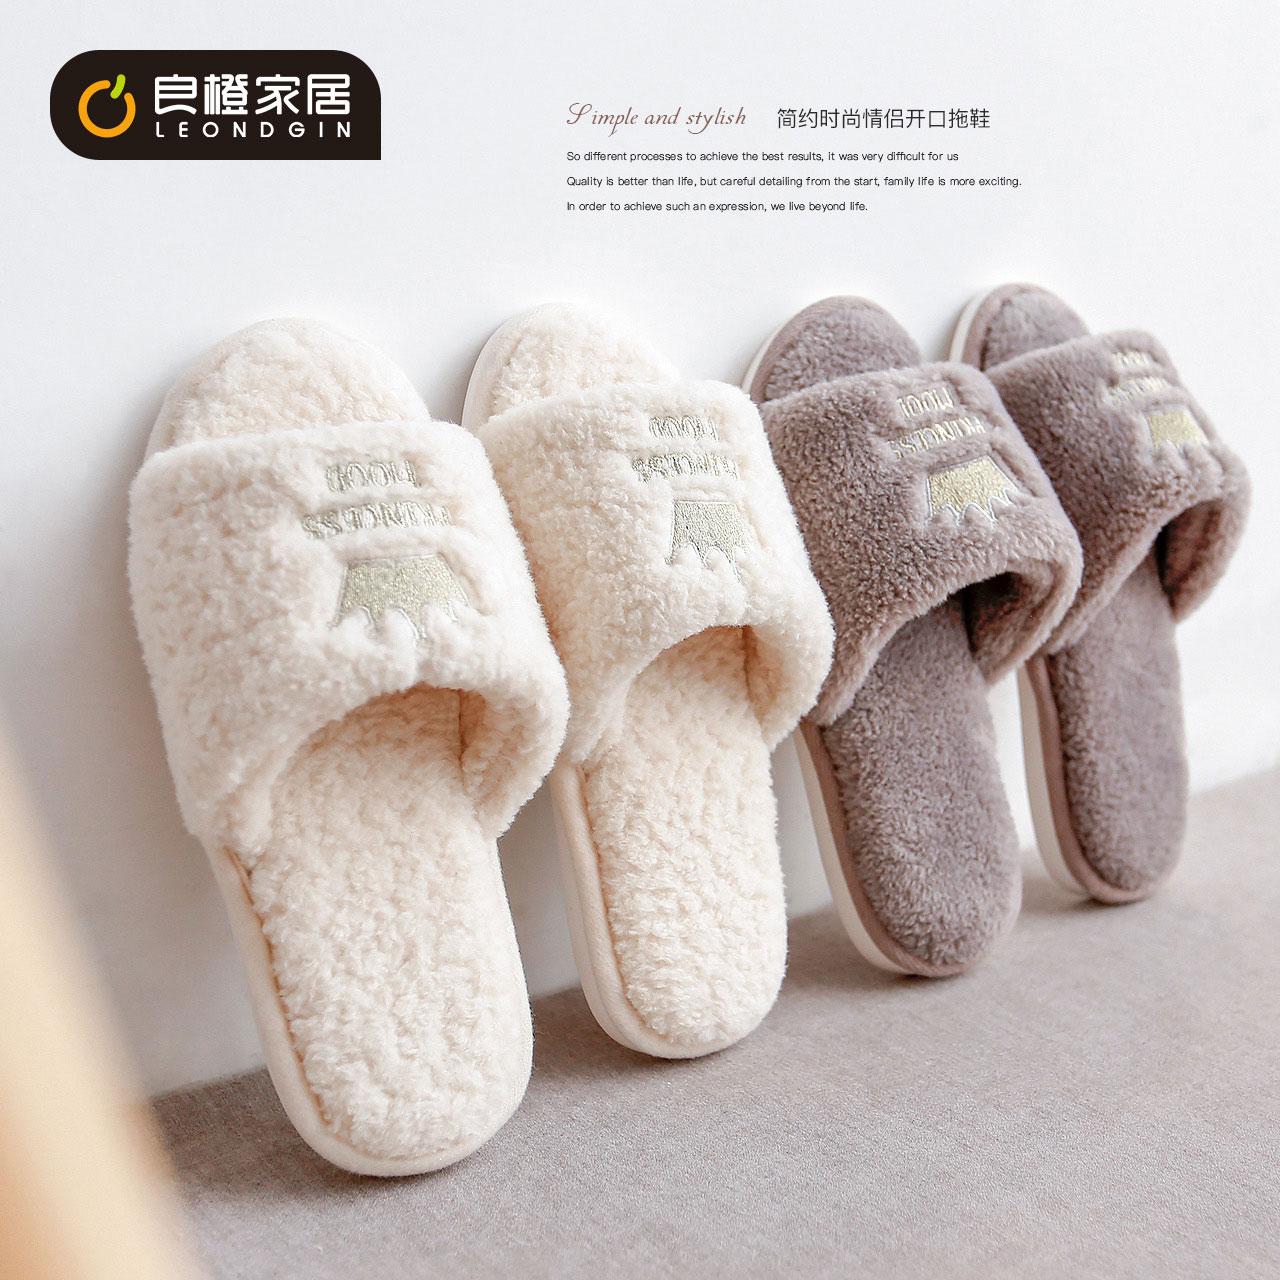 (断码清货)月子鞋女产后夏季室内家用软底可爱卡通情侣毛绒棉拖鞋18.80元包邮